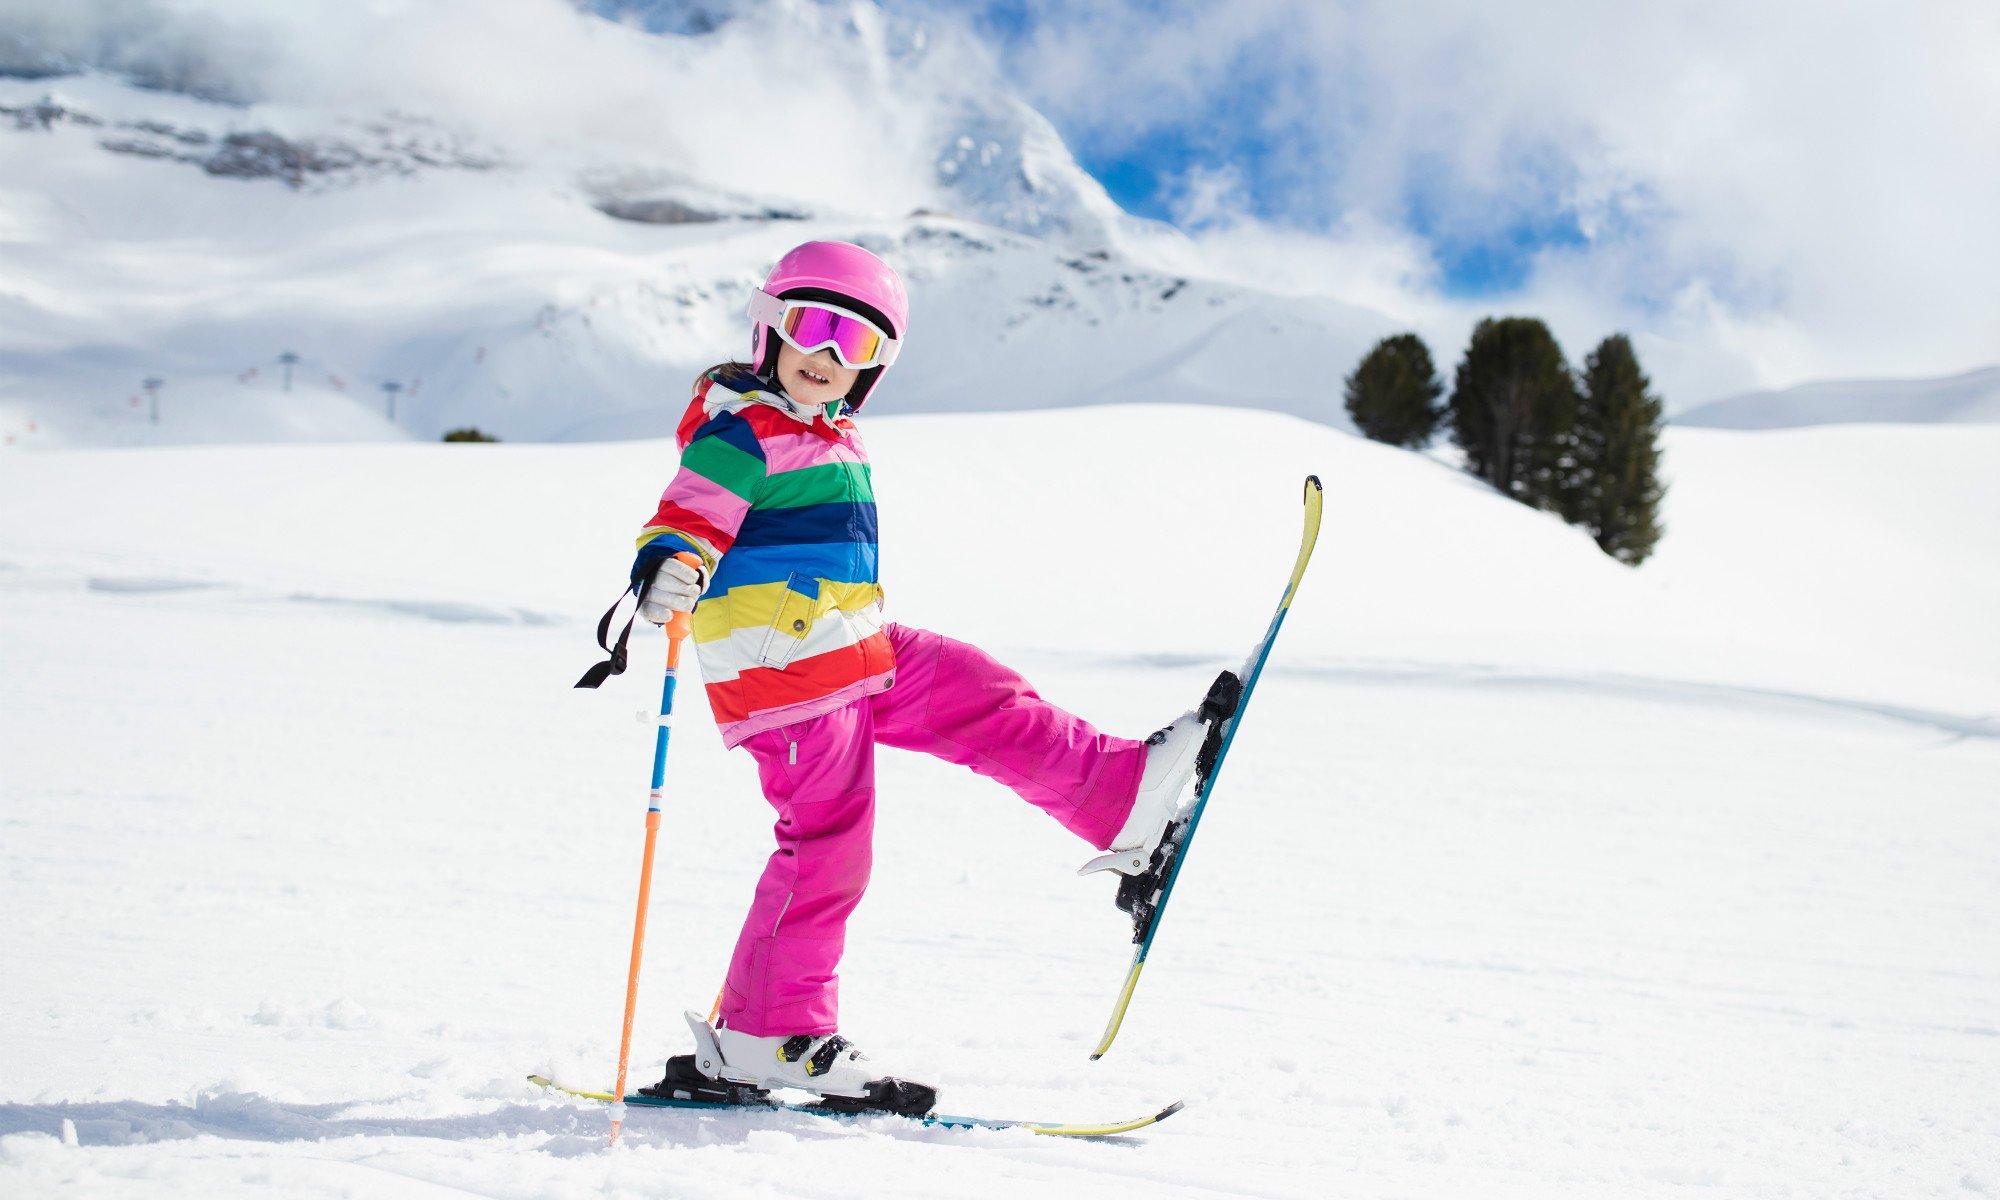 Una piccola sciatrice mostra gli sci ai piedi